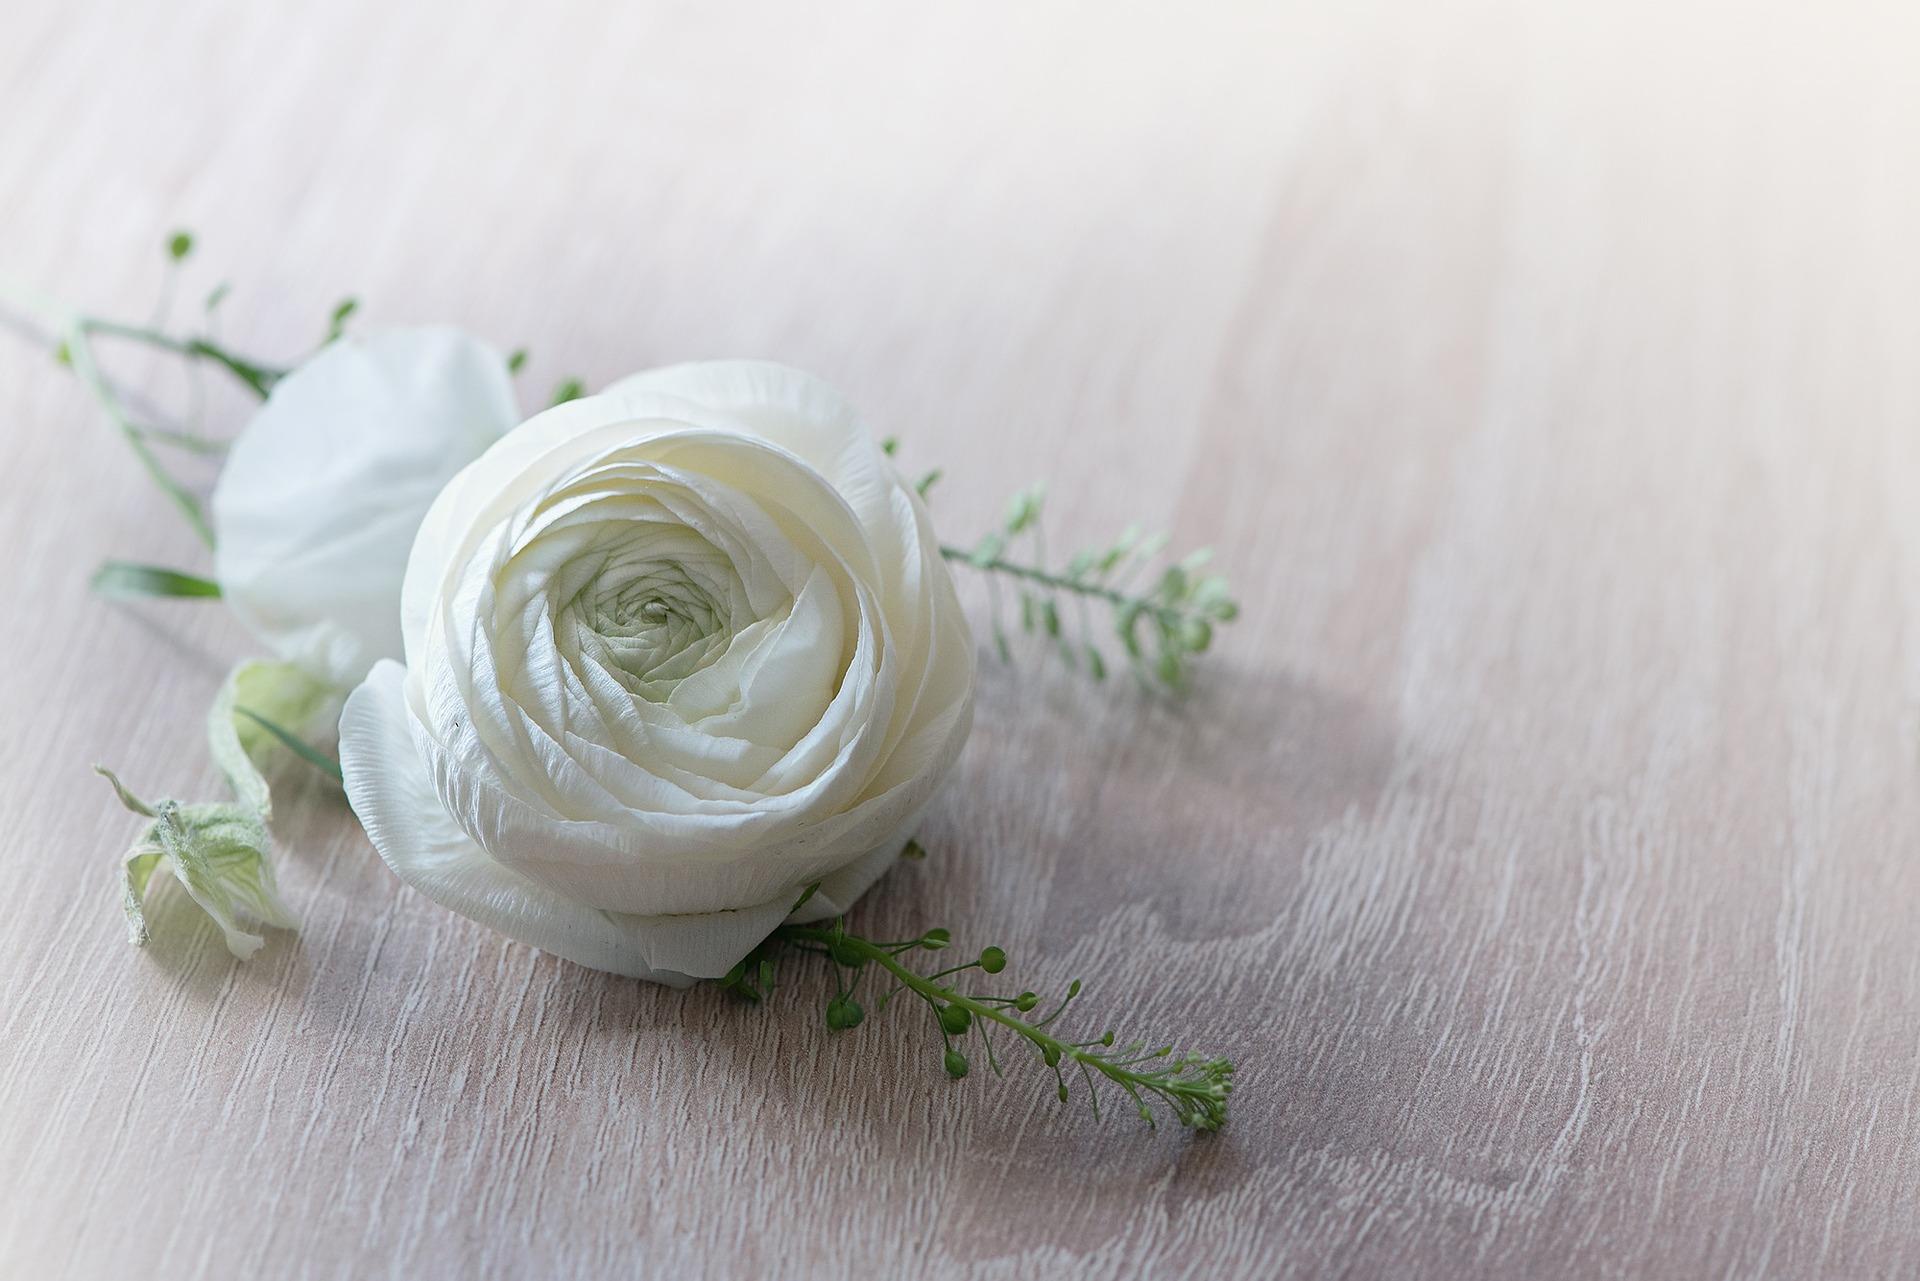 flower-1316753_1920.jpg